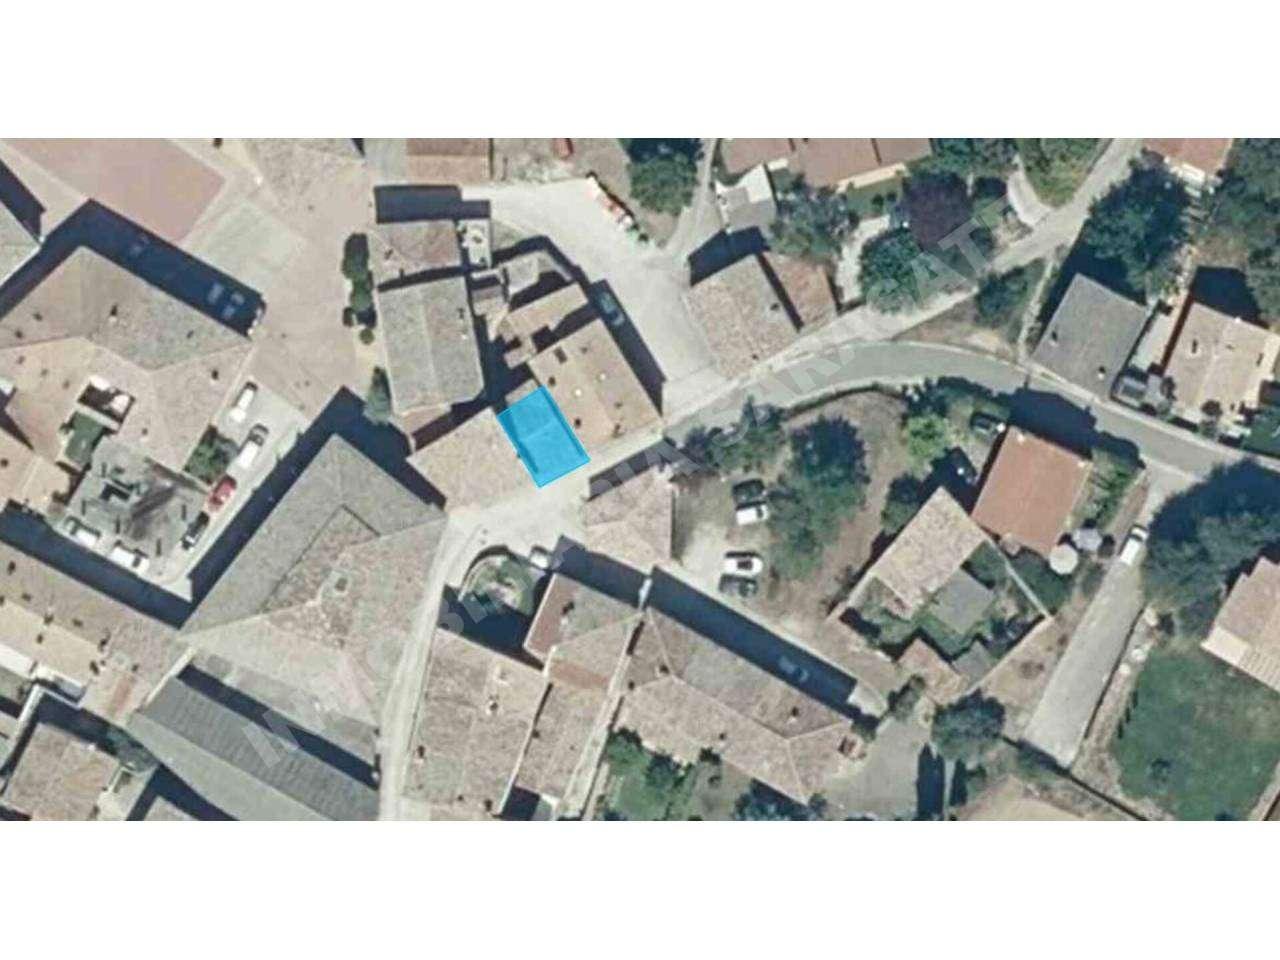 VENTA DE TERRENO EN ARBEIZA, ALLíN – ALLIN   REF. (004517)